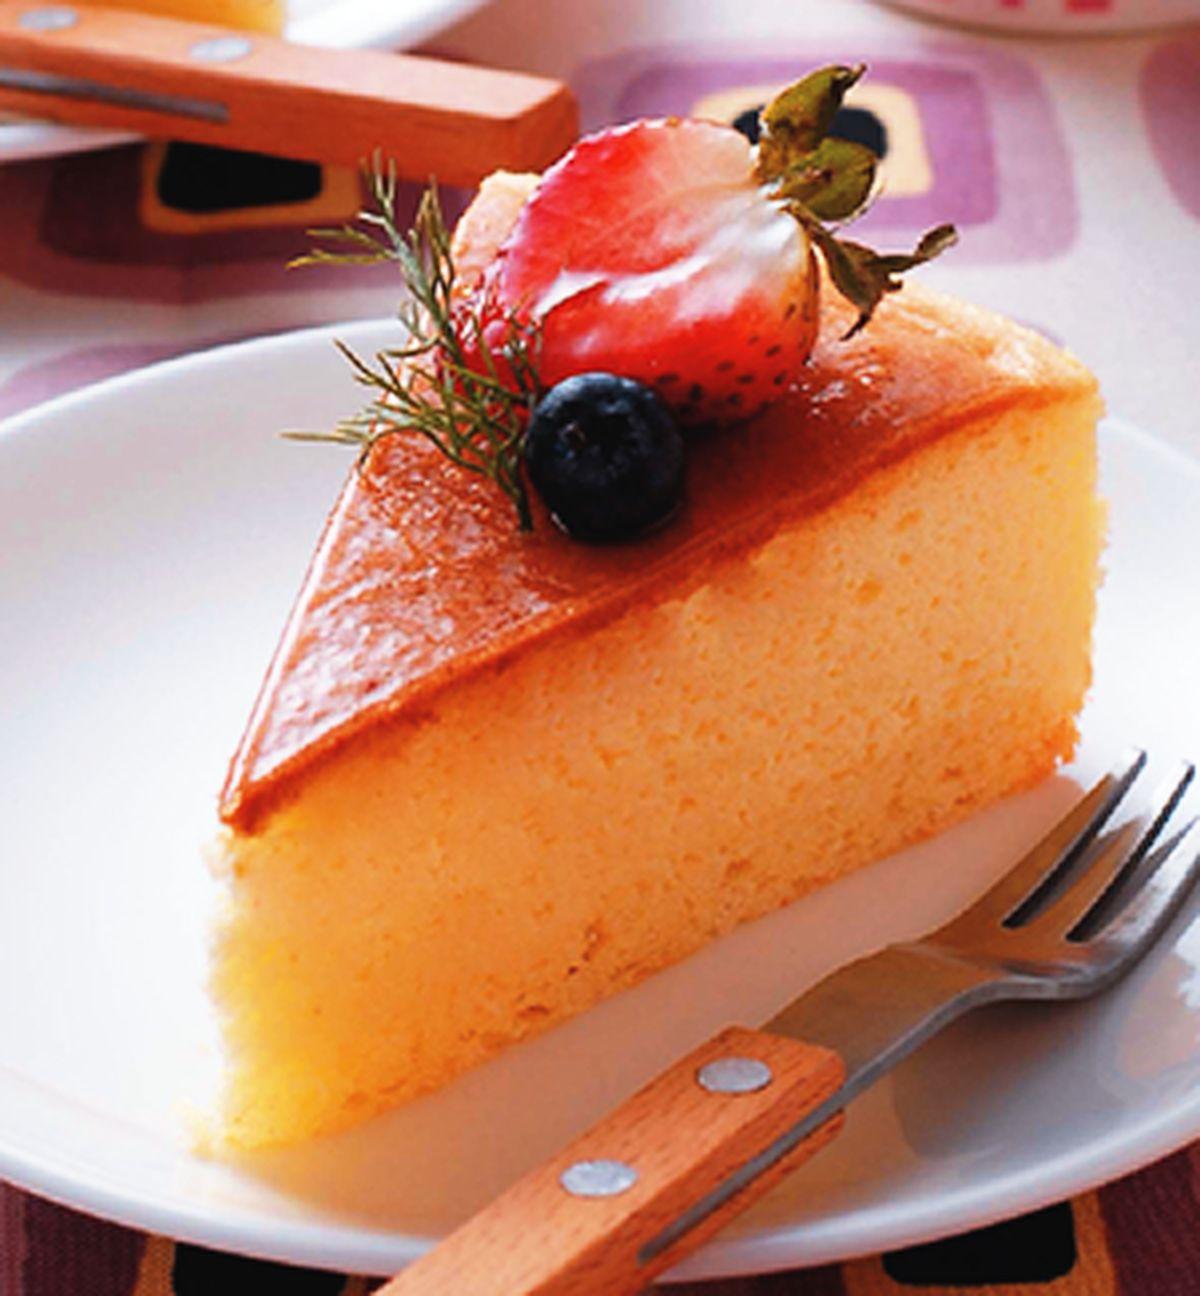 食譜:舒芙蕾乳酪蛋糕